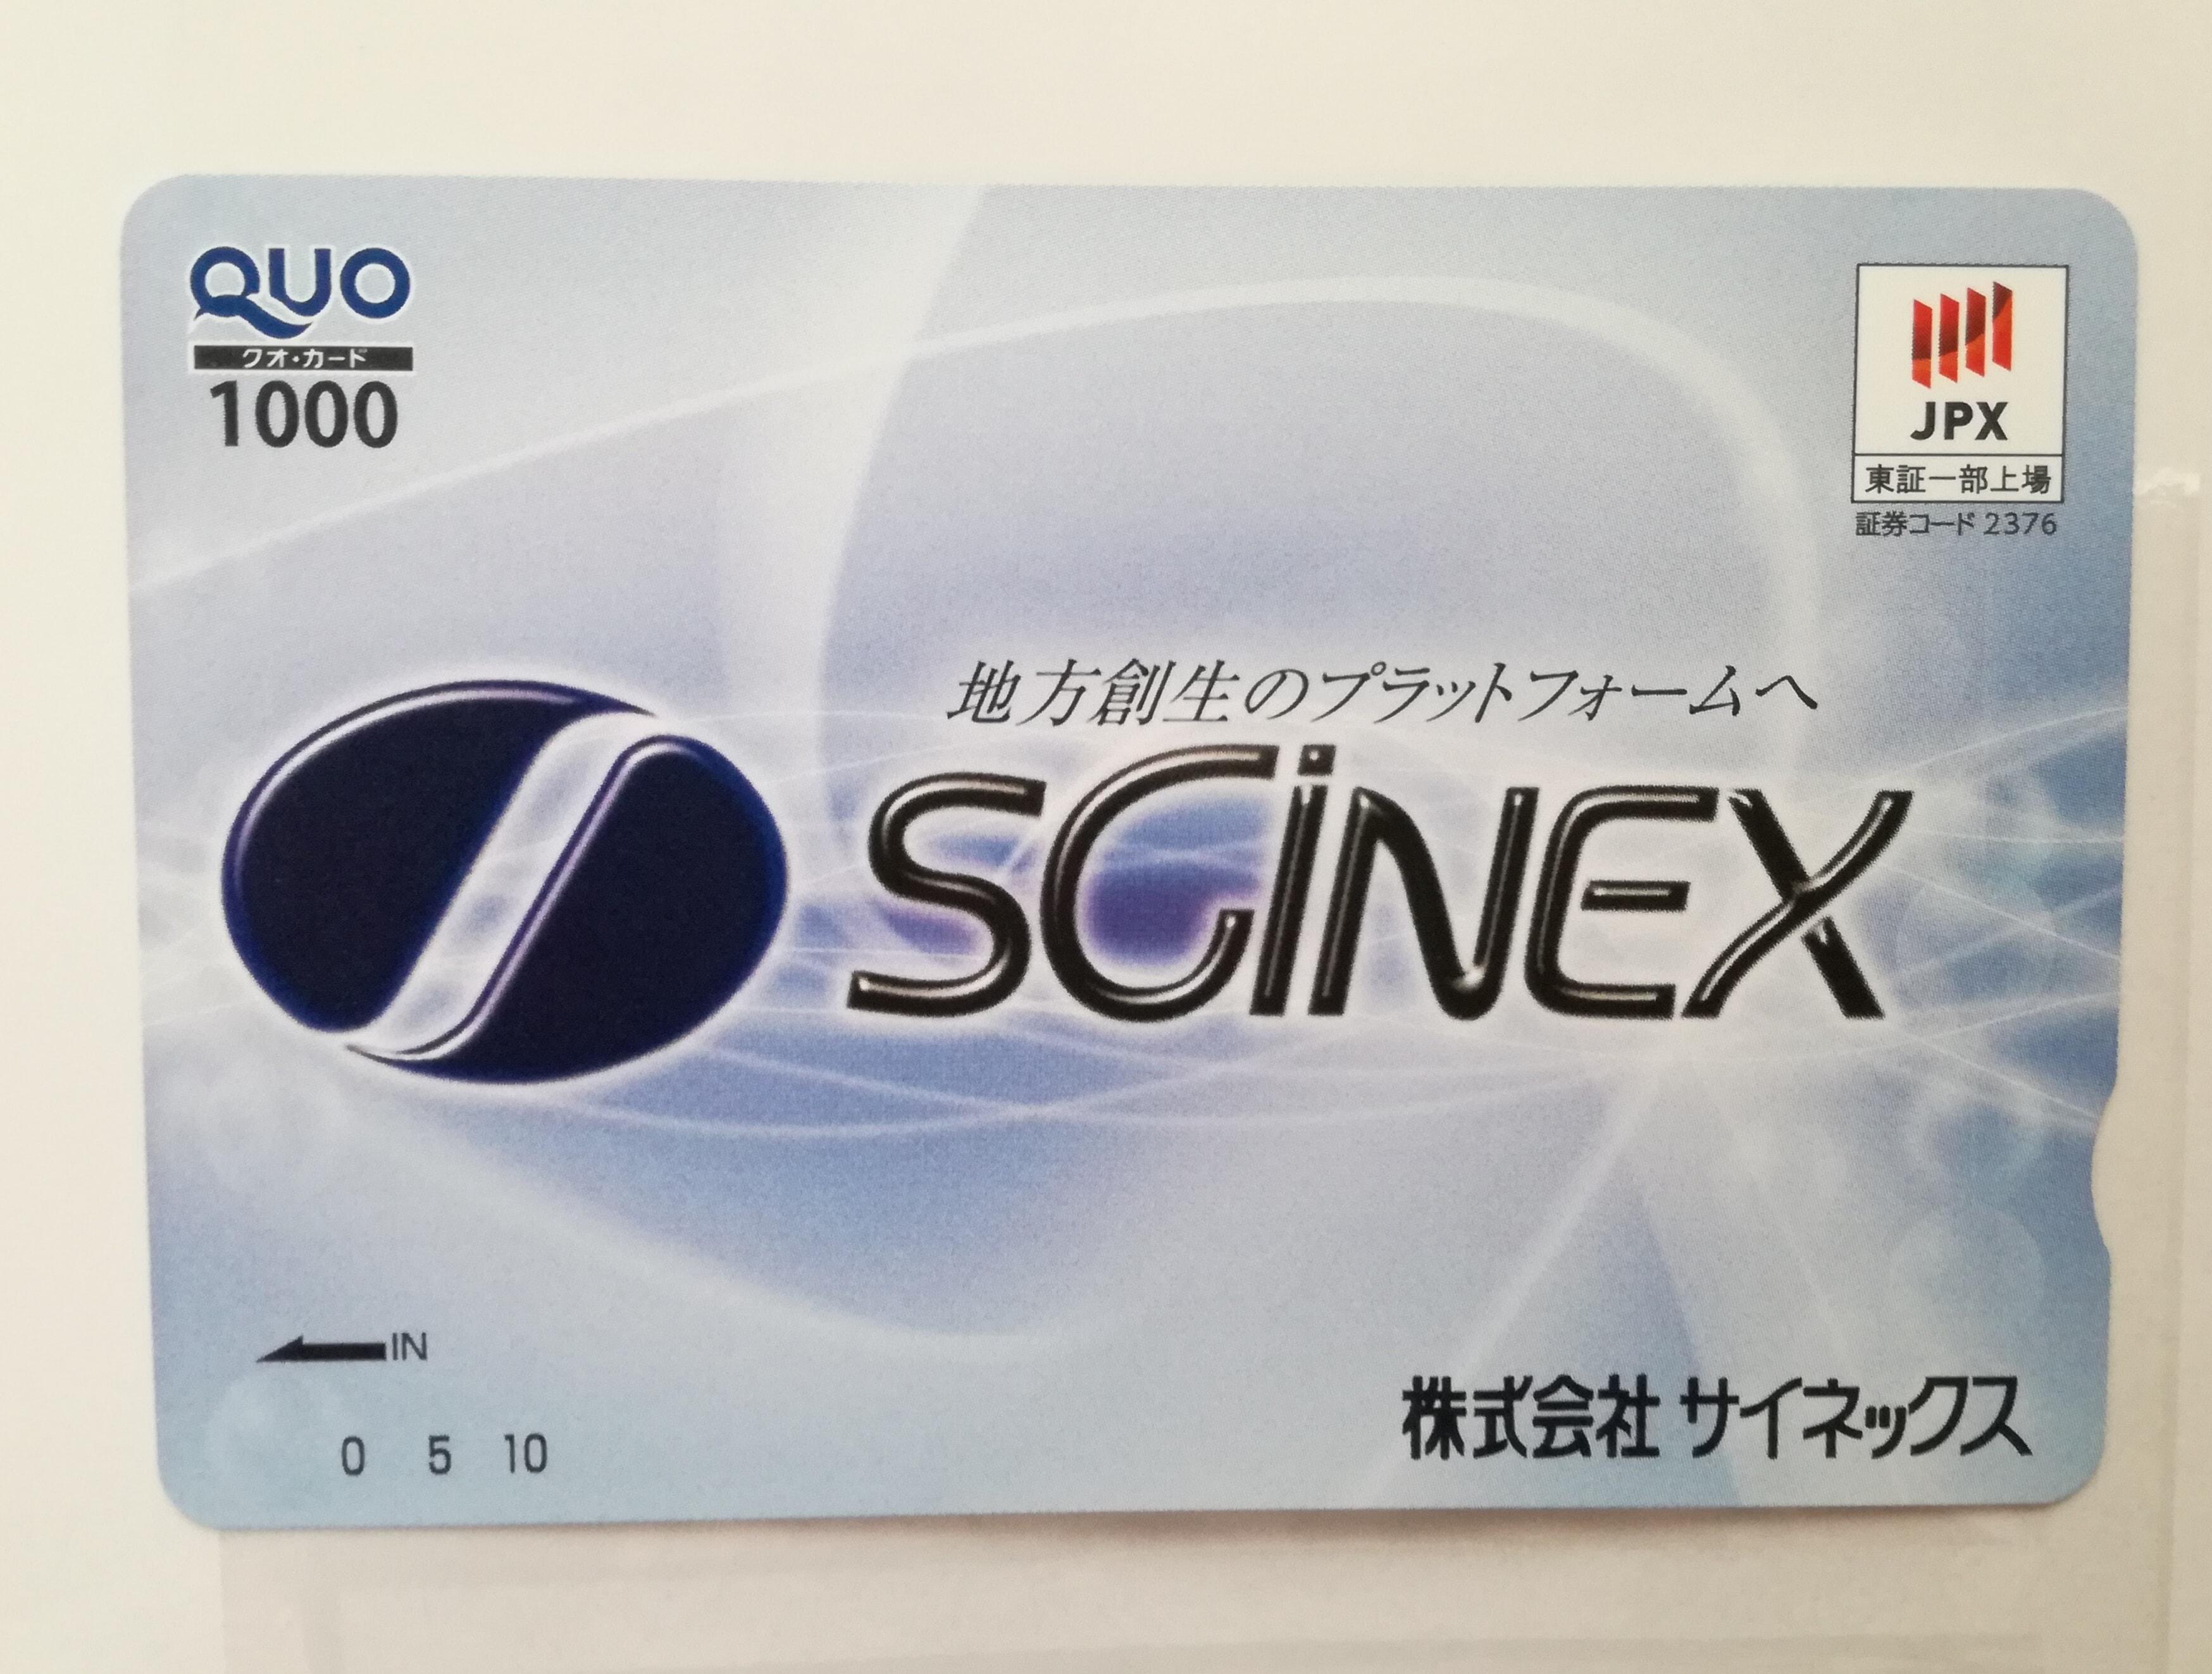 含み損2万円以上のサイネックス(2376)から株主優待クオカード1,000円分が到着!